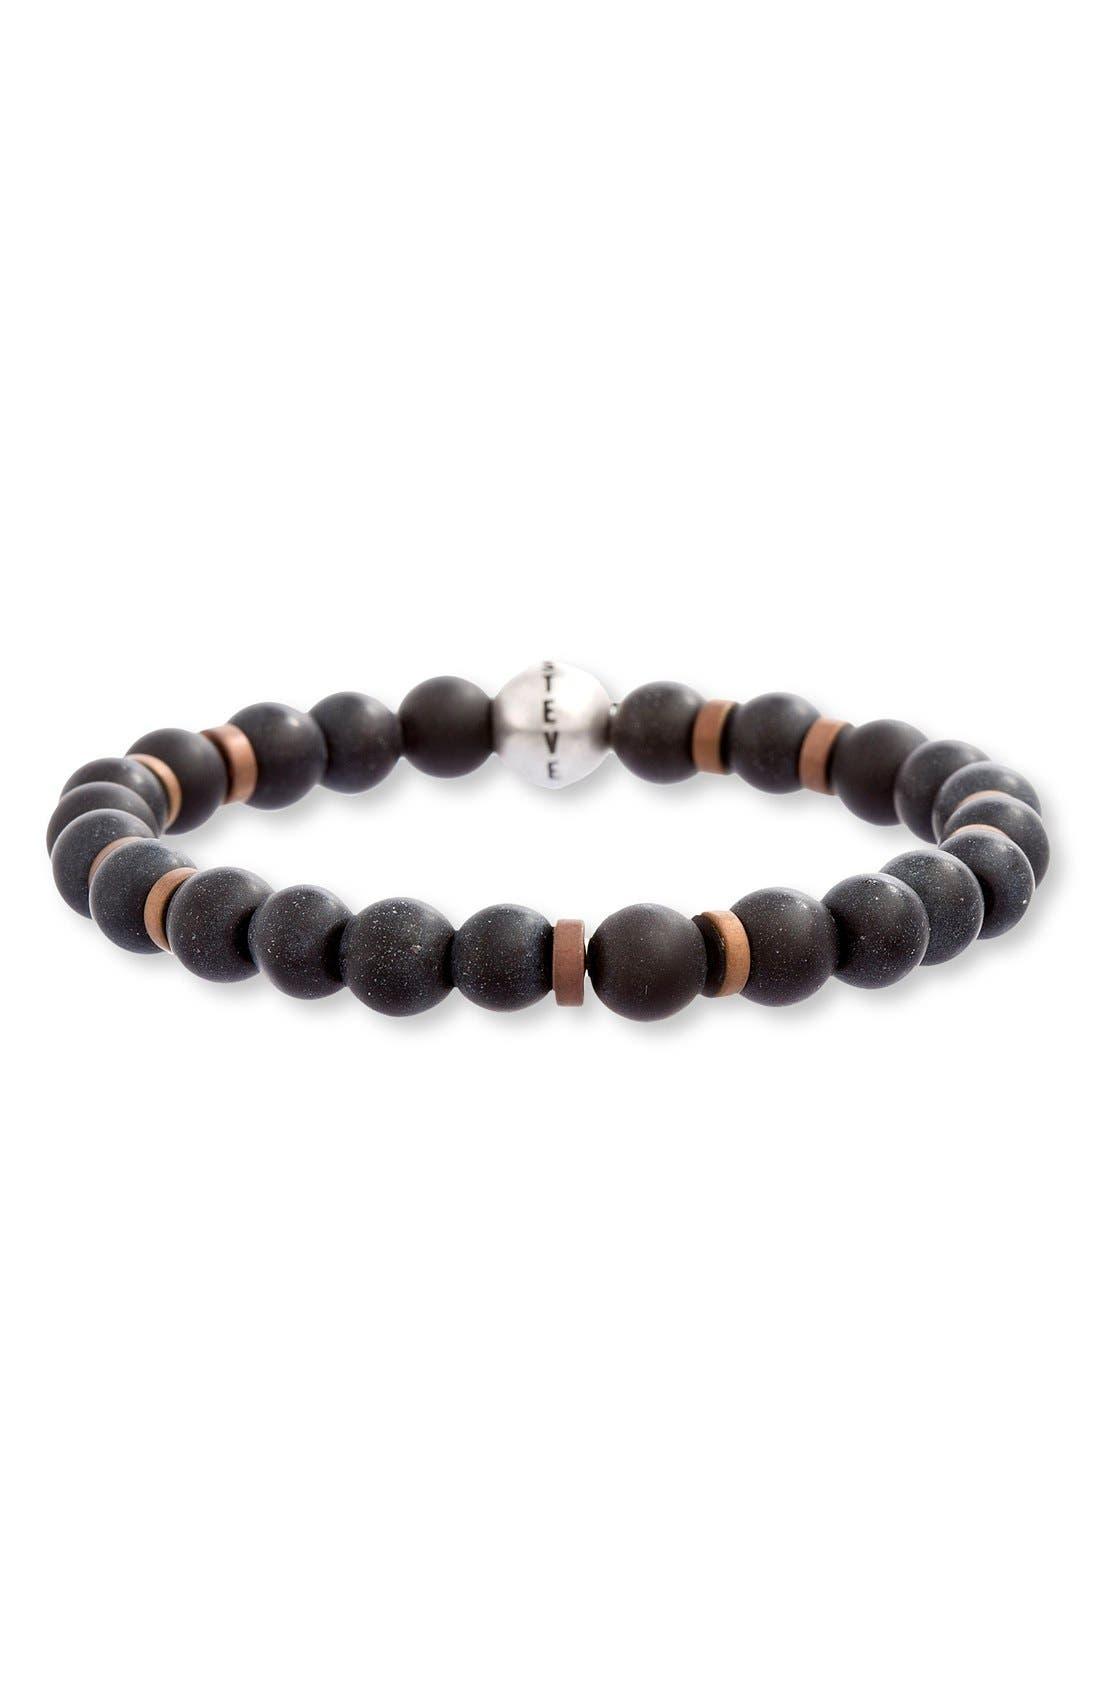 Steve Madden Wood Bead Bracelet